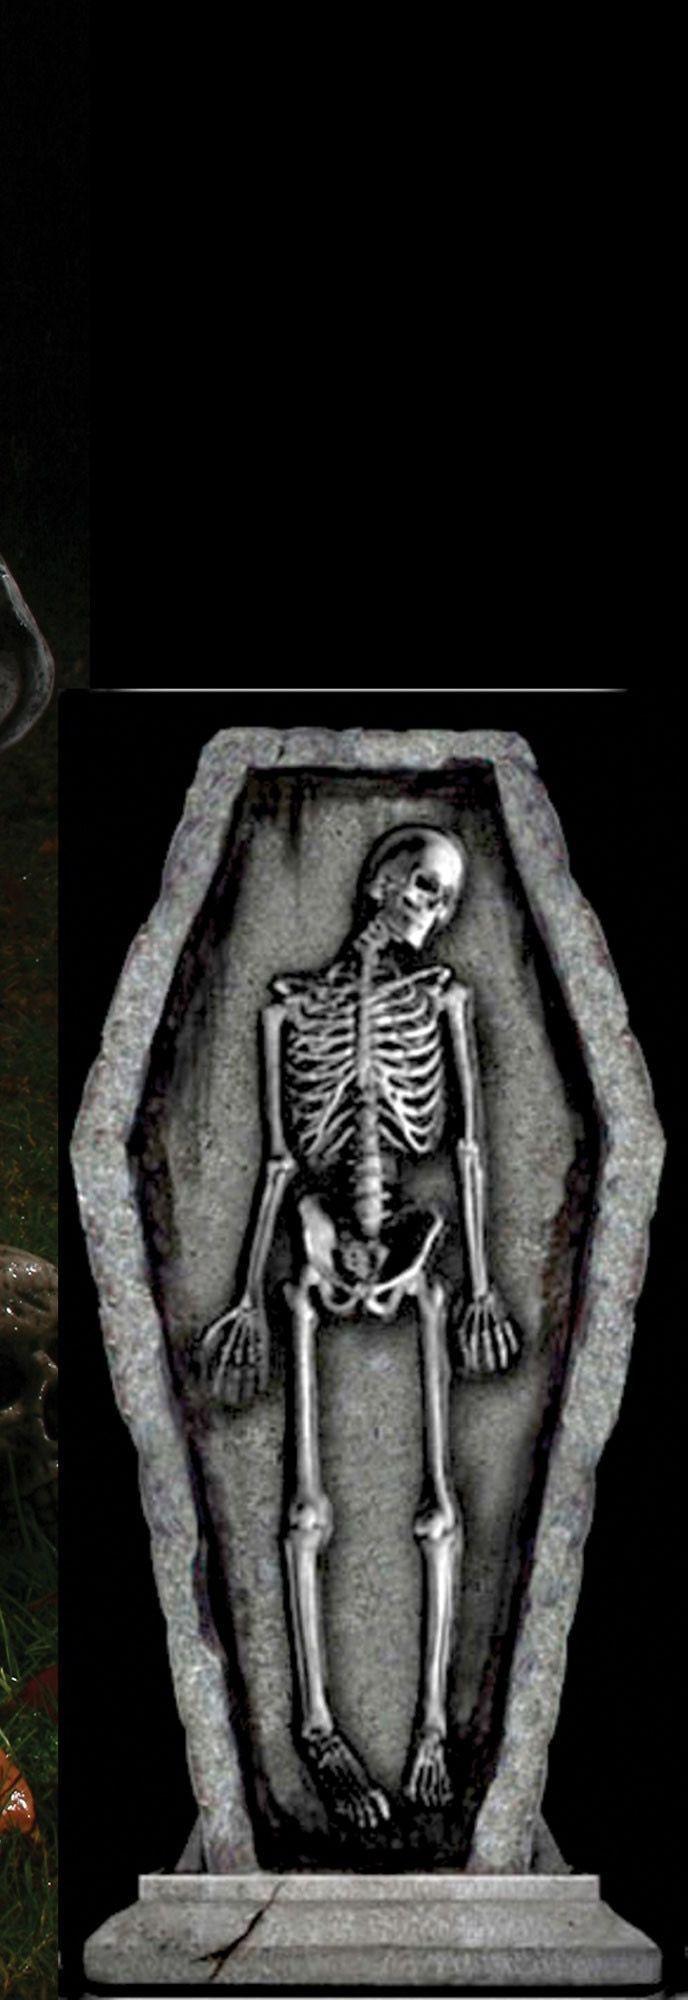 Готическое надгробие Скелет в гробу (UNI) надгробие с демоном uni